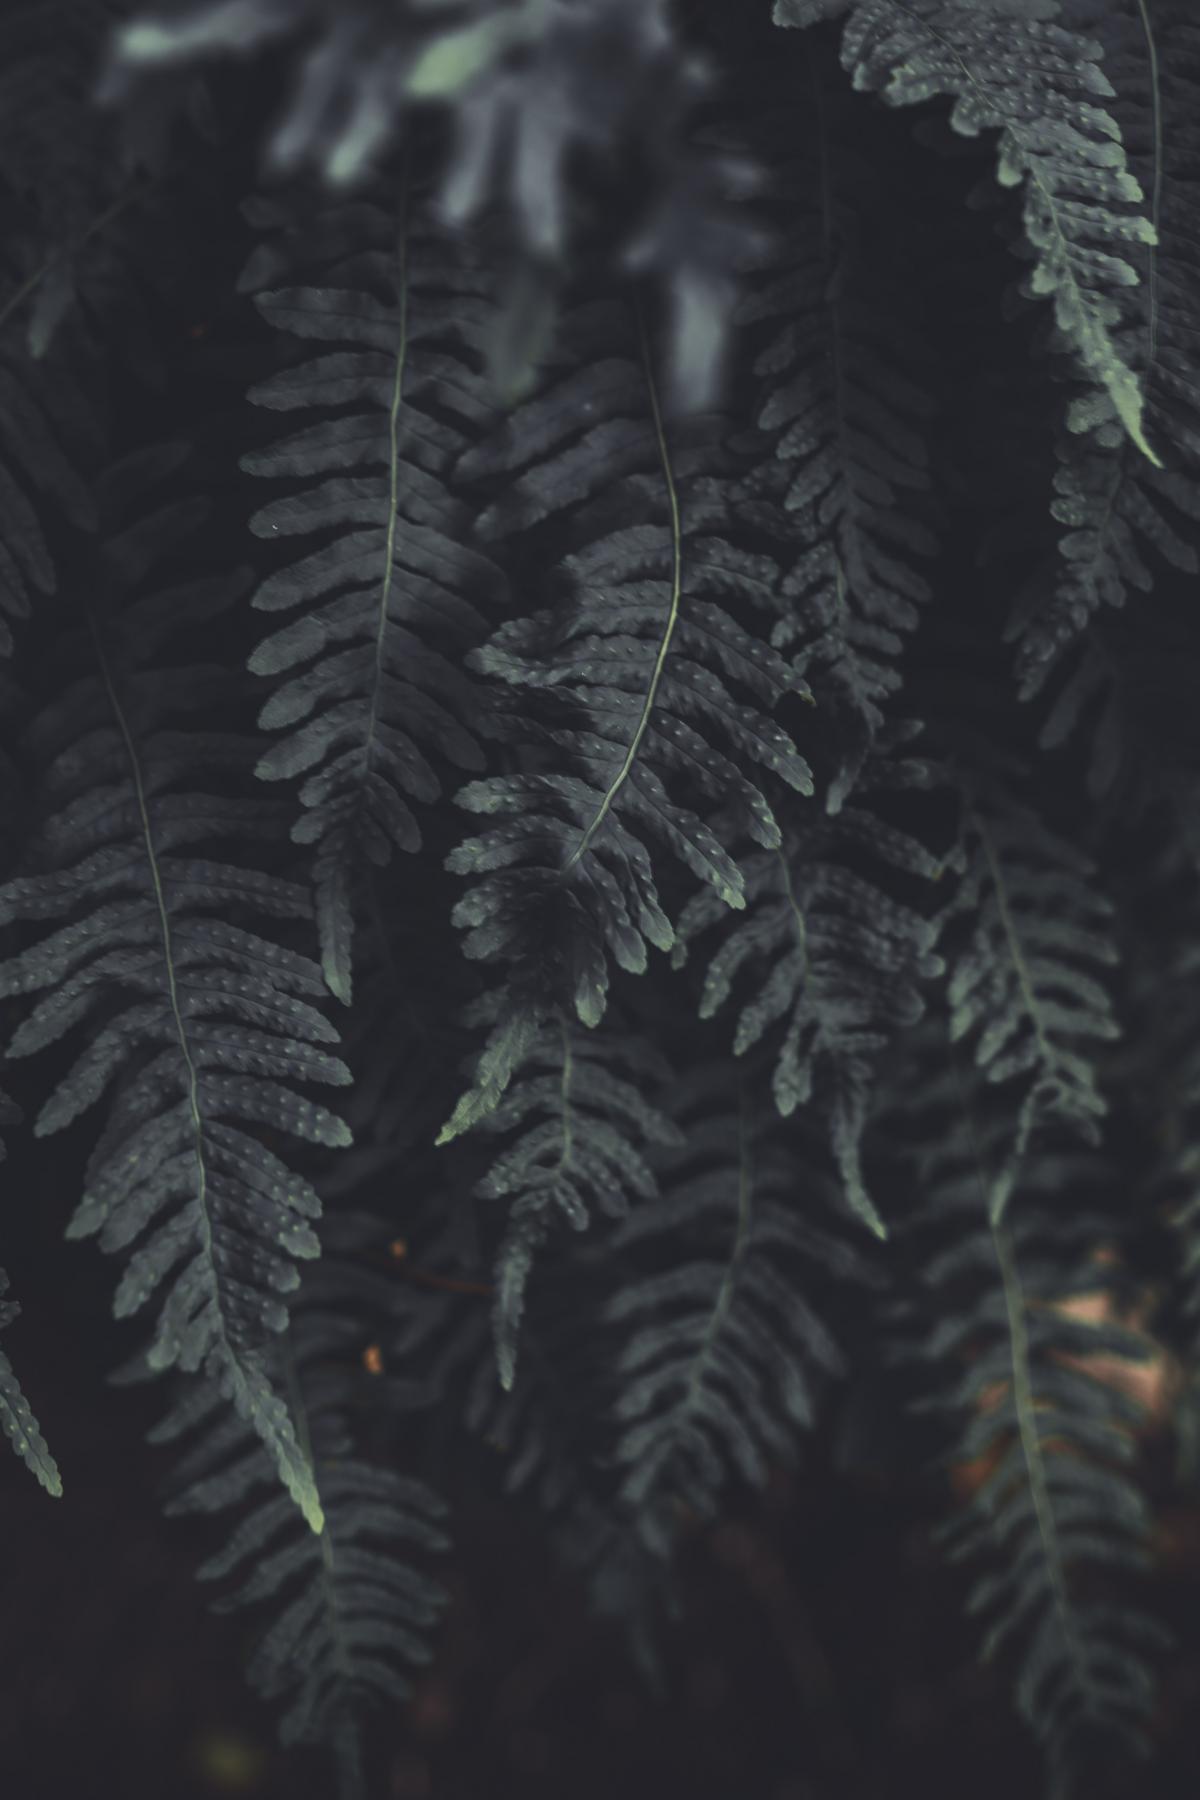 Fern Plant Feather star